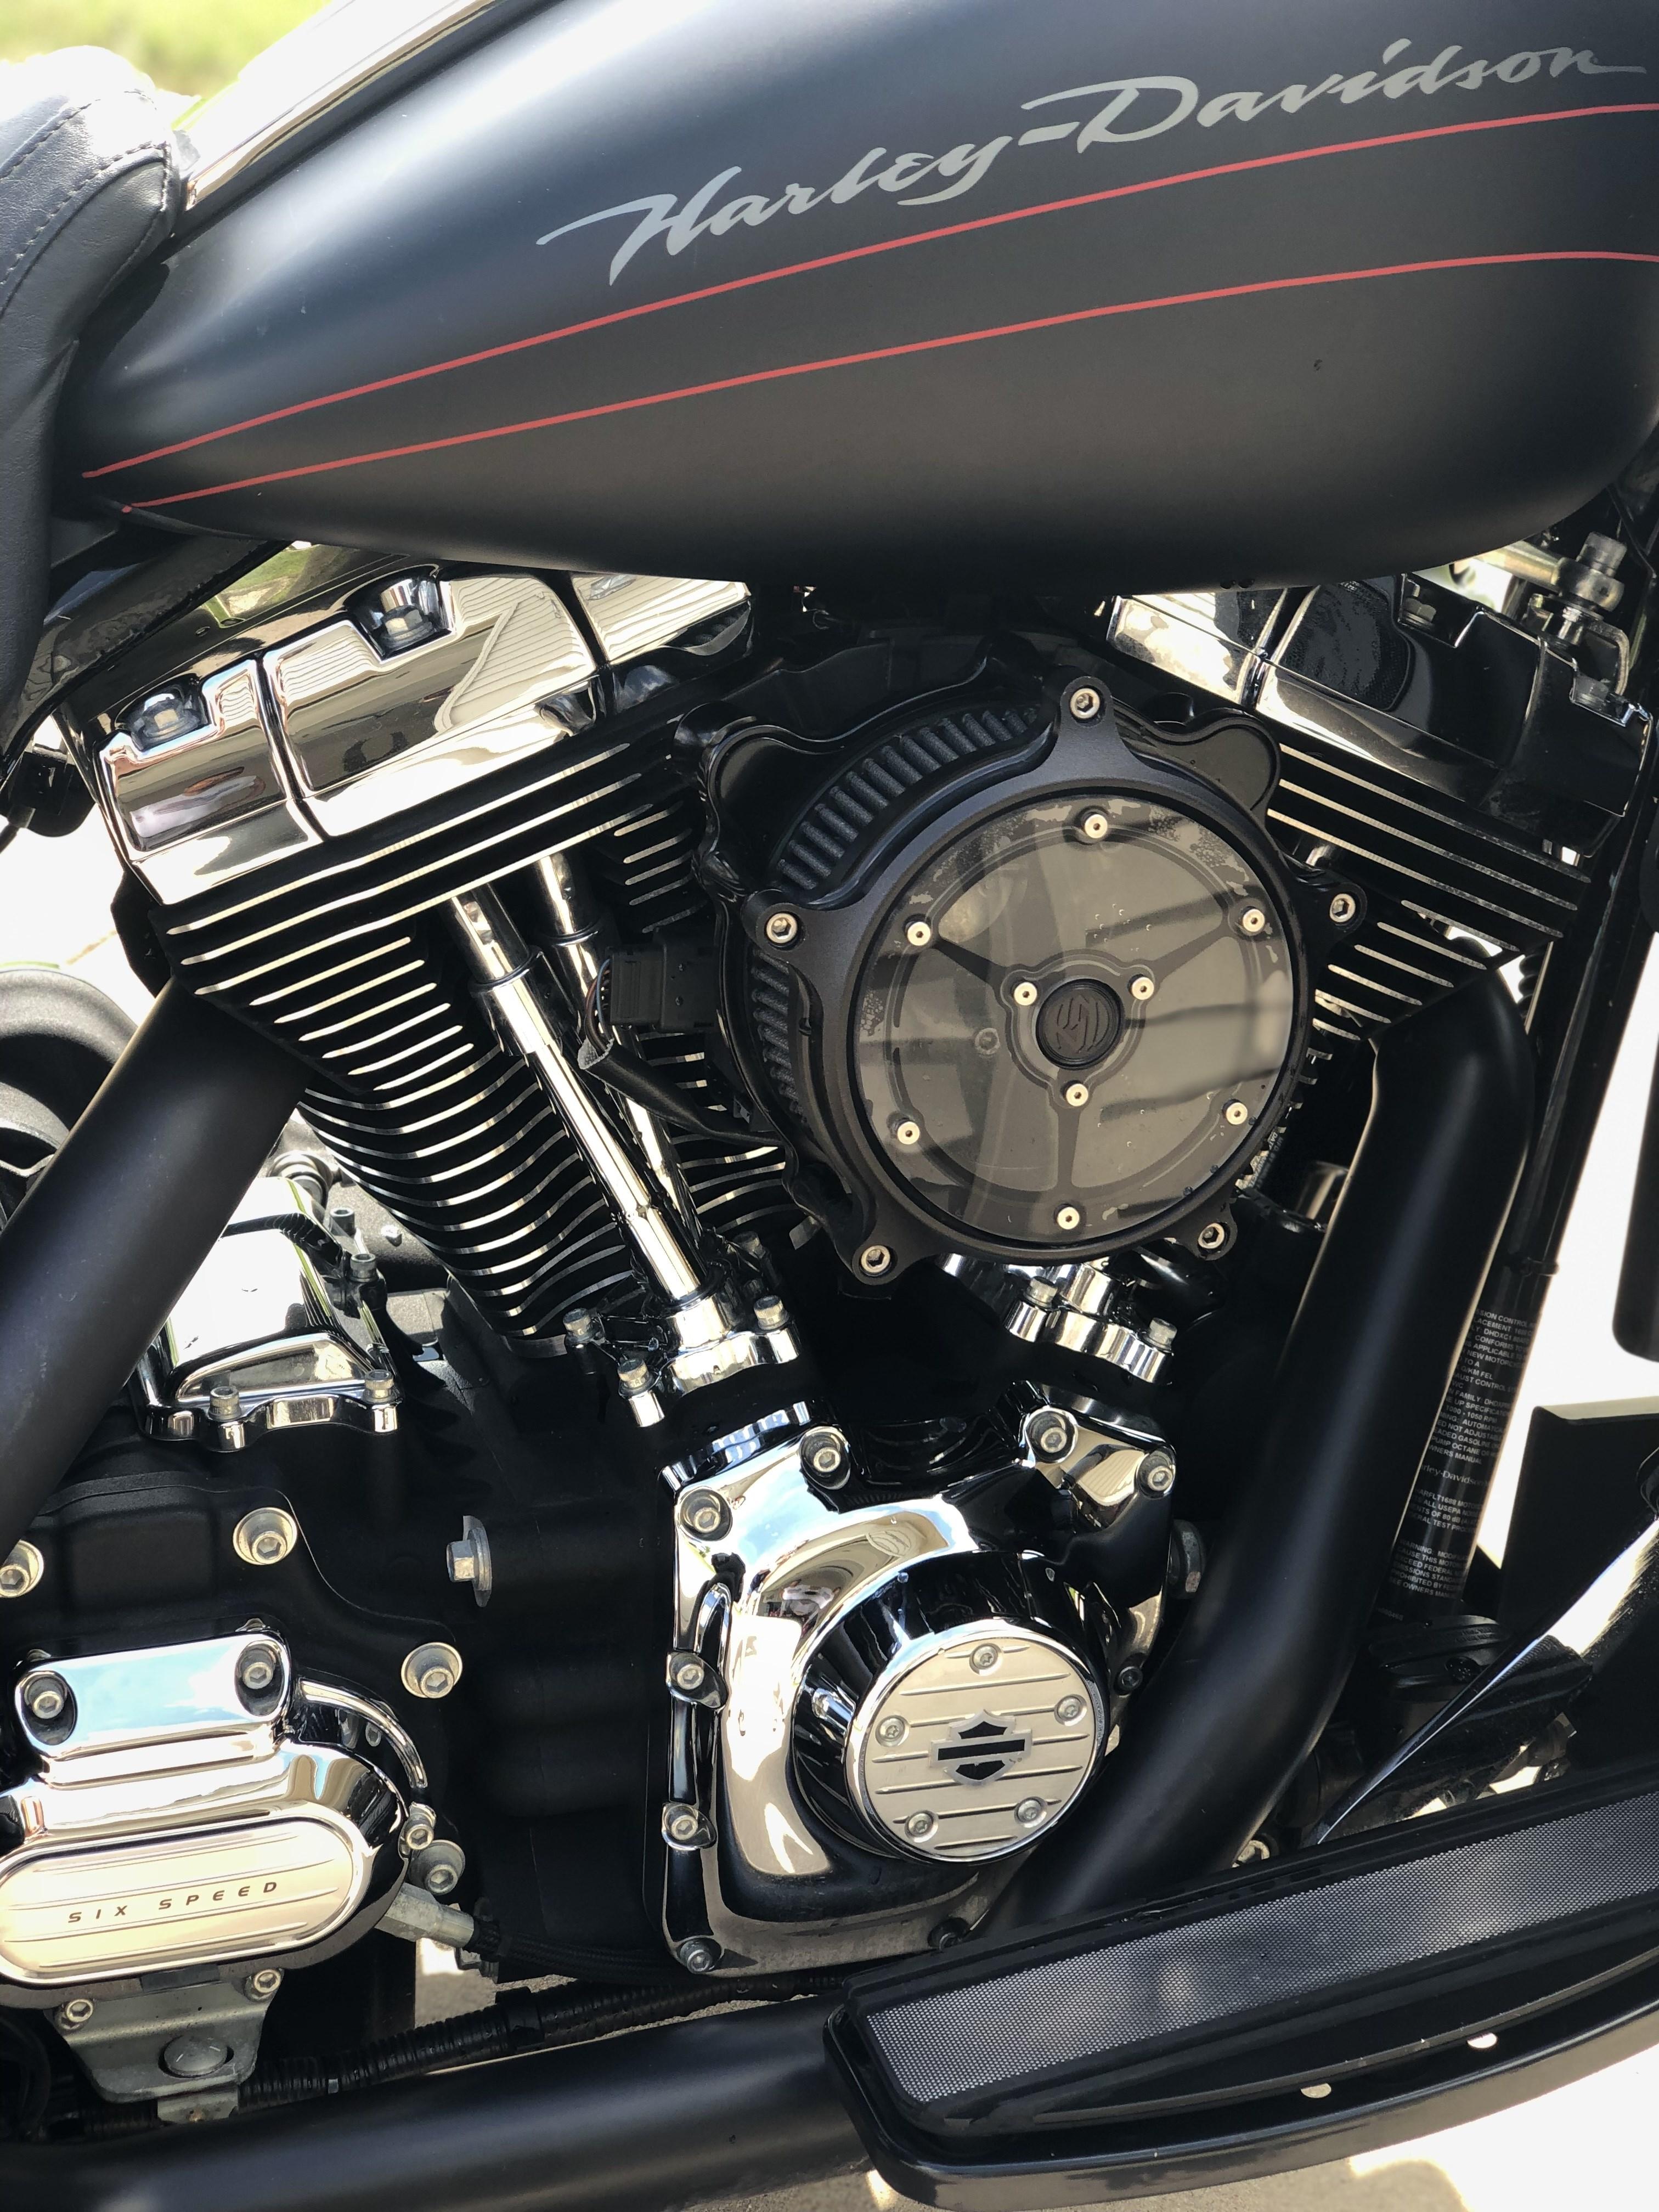 2013 Harley-Davidson® FLTRX Road Glide® Custom